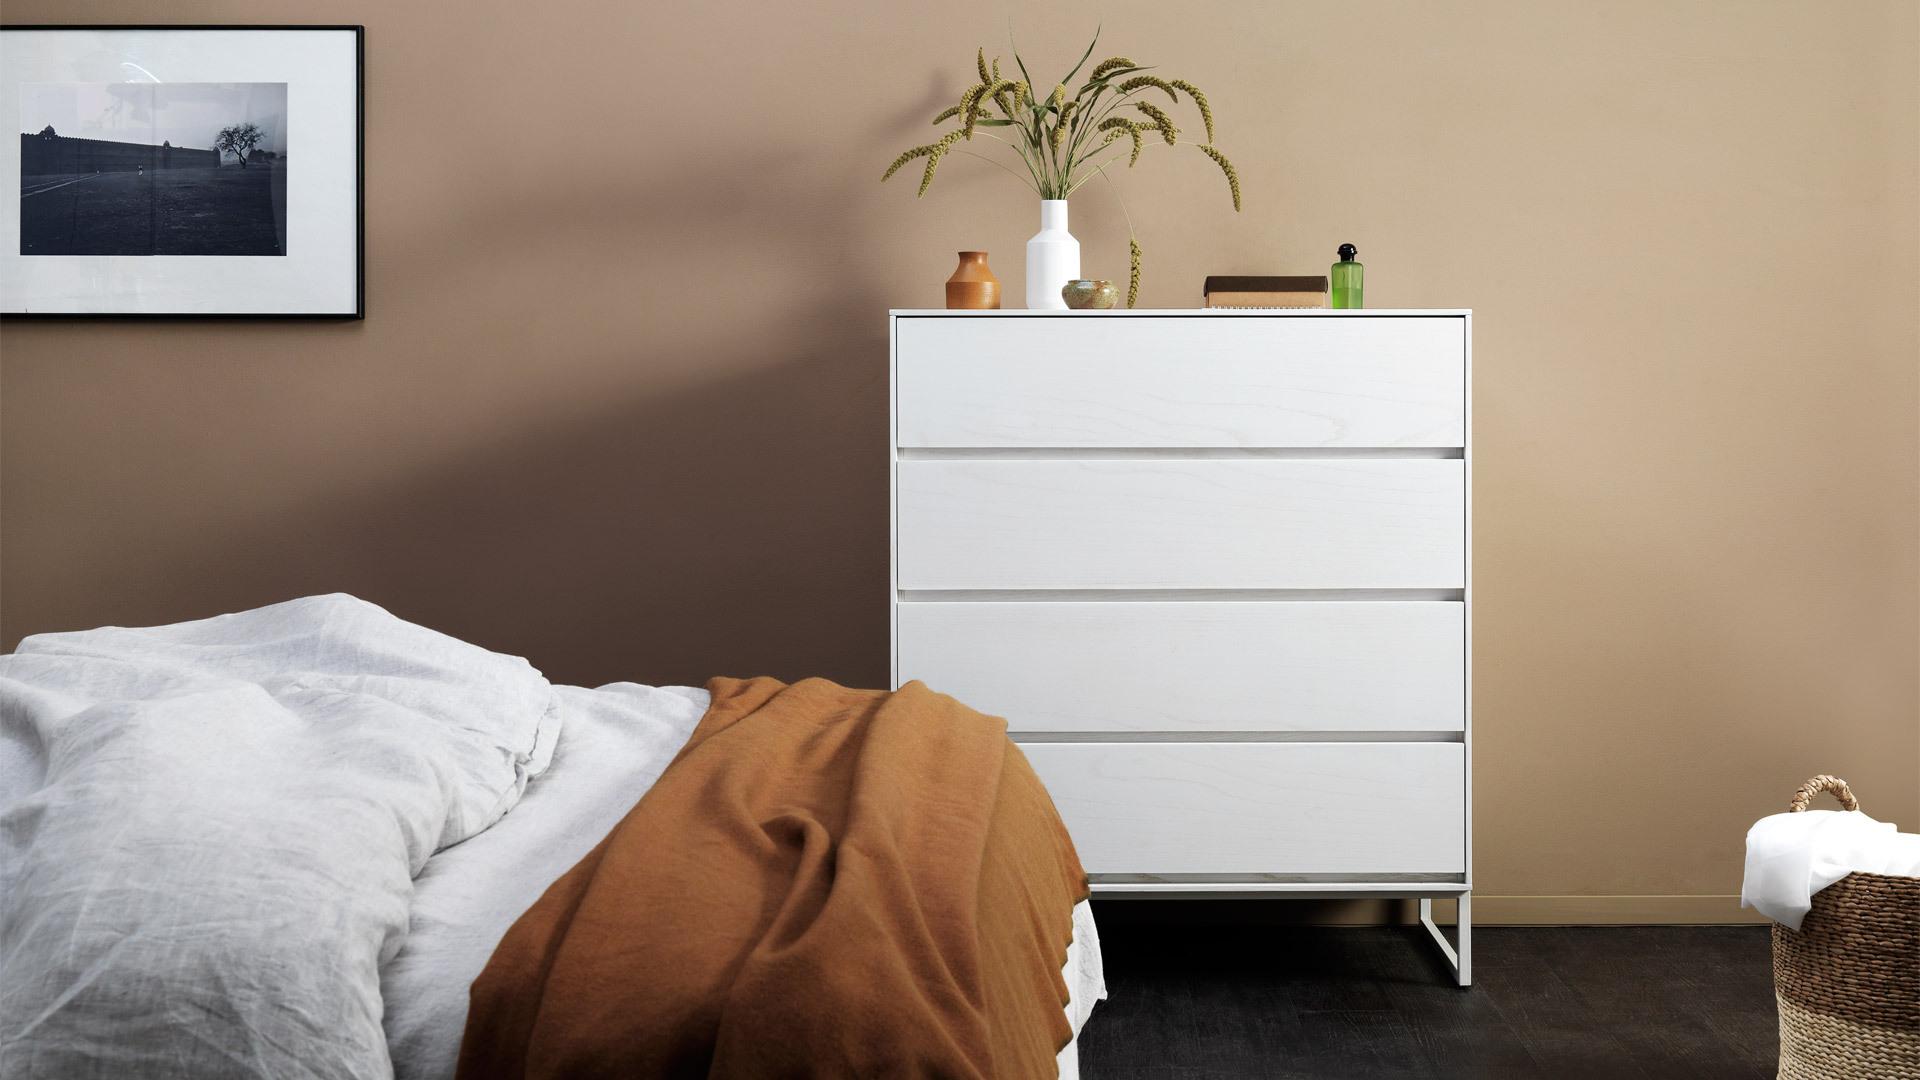 明媚云白,平衡暖调卧室